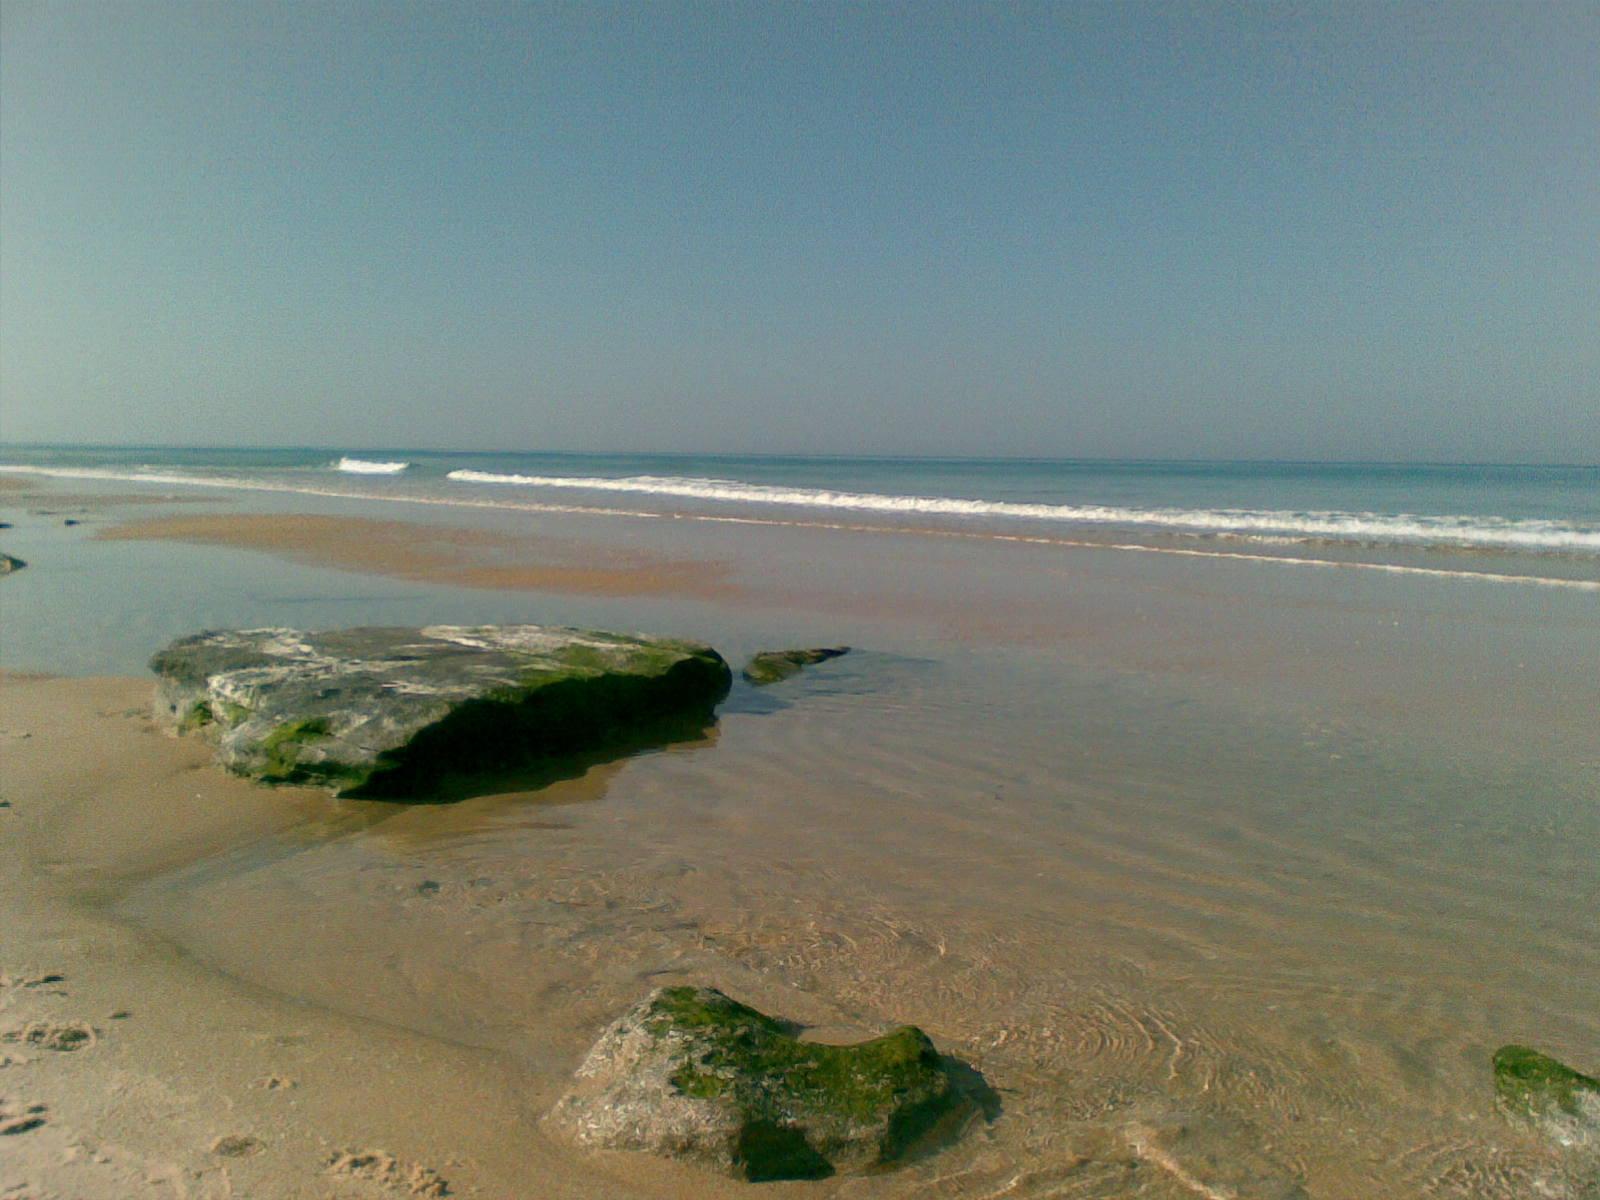 חוף ניצנים (ויקיפדיה, לירז שגריר)